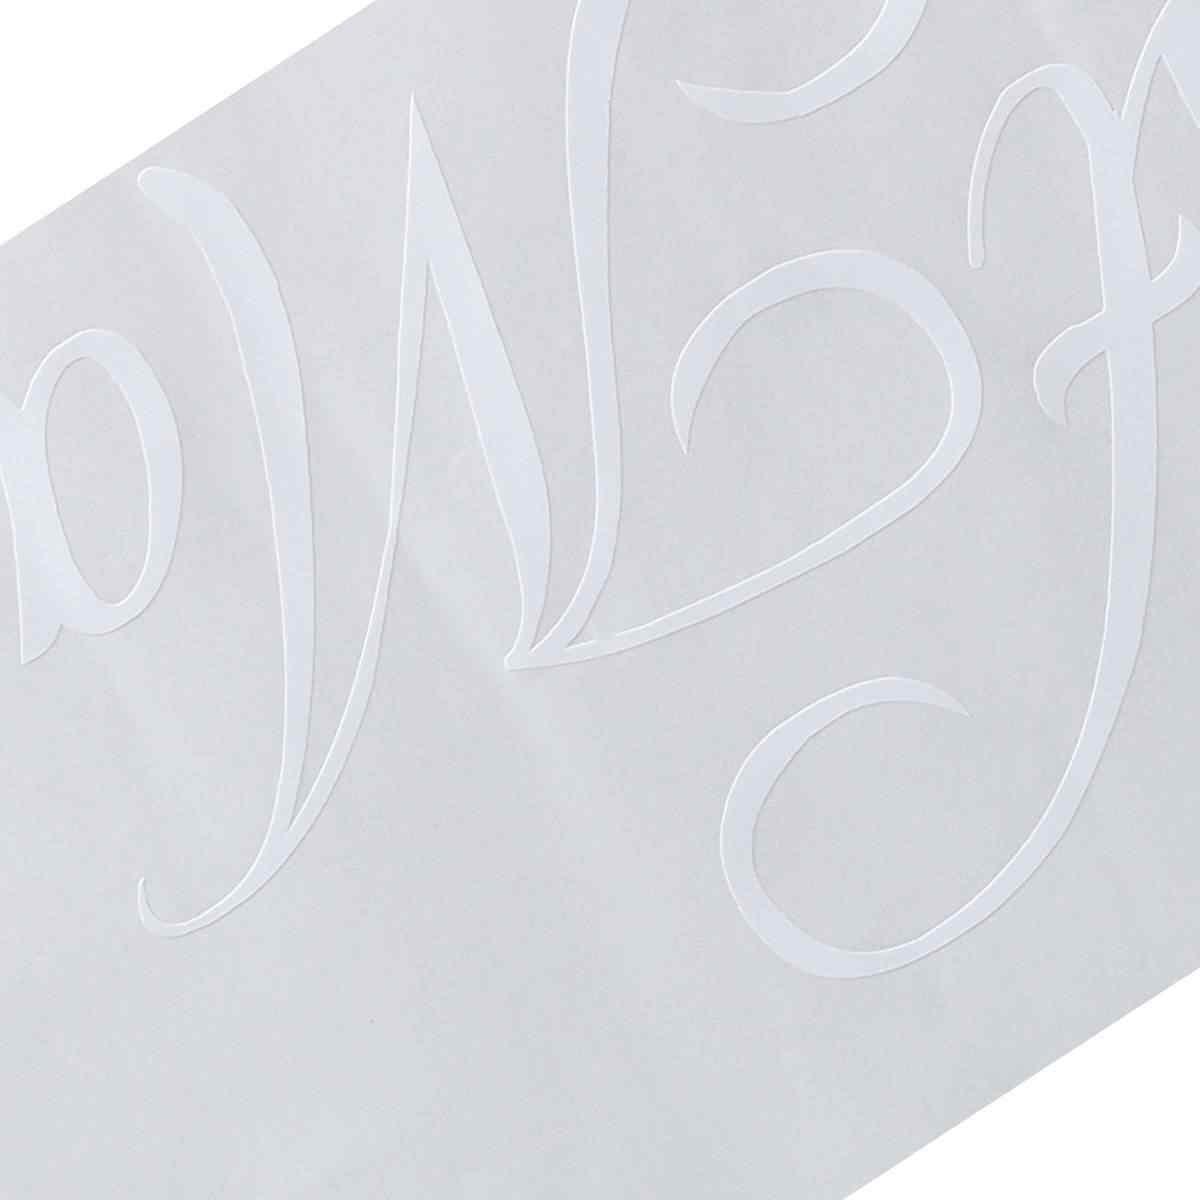 Recién Casados coche de boda estandarte para la ventana Adhesivo resistente al agua de PVC pegatina vinilo decoración personalizada coche insumos para decoración de boda